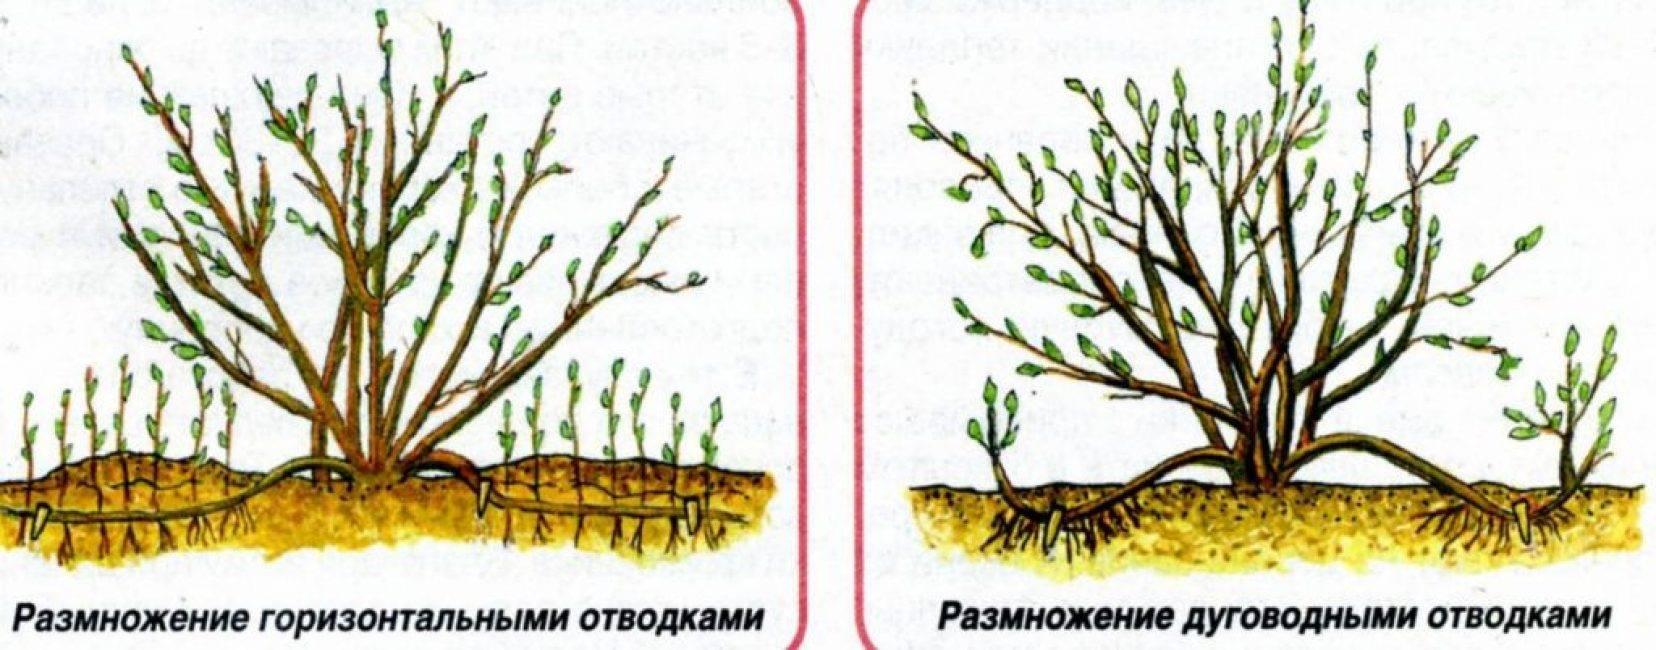 Как размножить гортензию? правила высадки и ухода